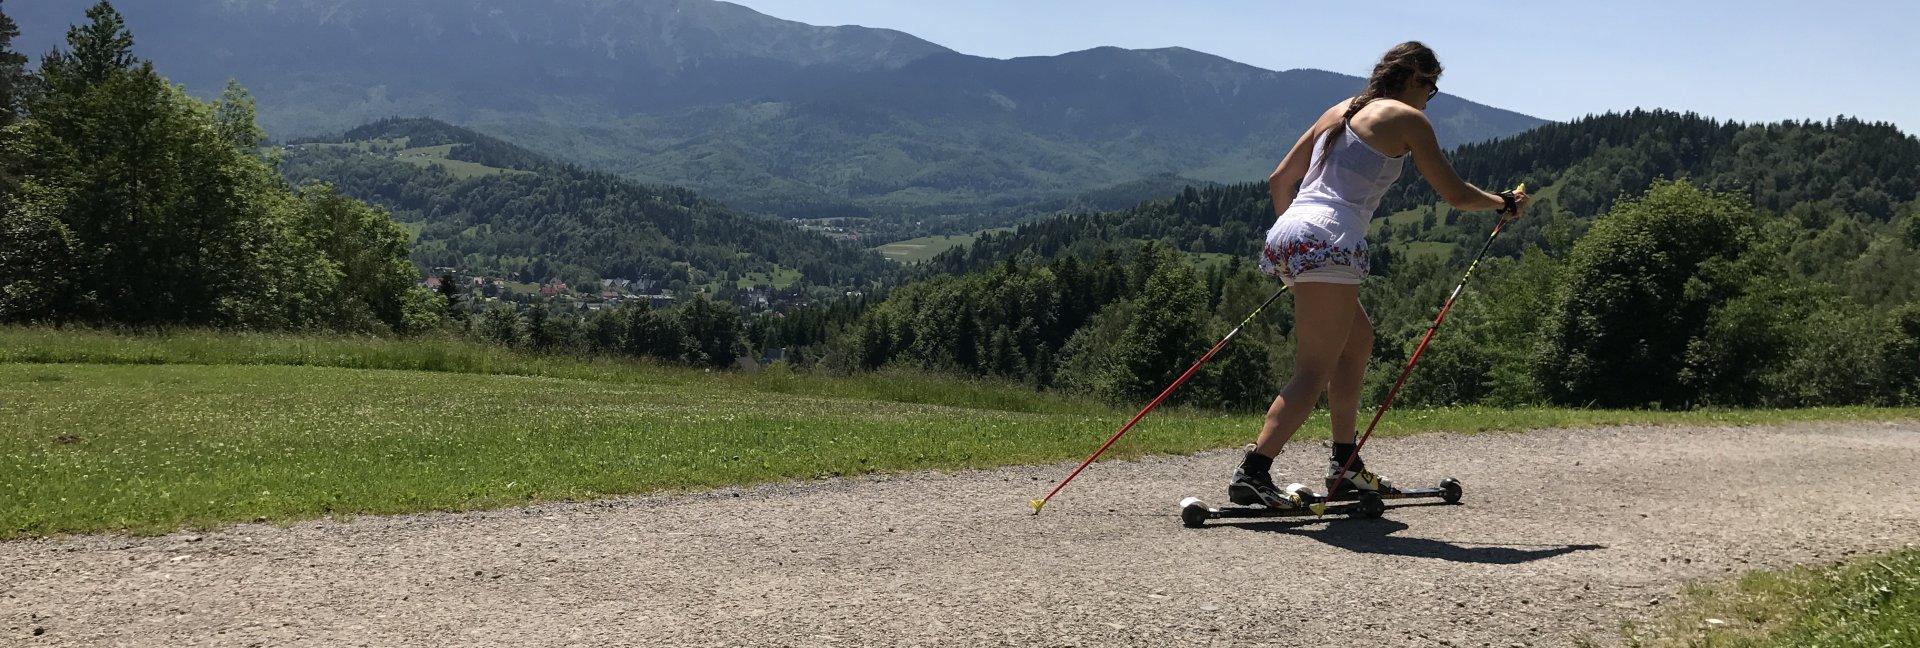 Beskid Żywiecki - góry mniej popularne niż Tatry, ale warte uwagi